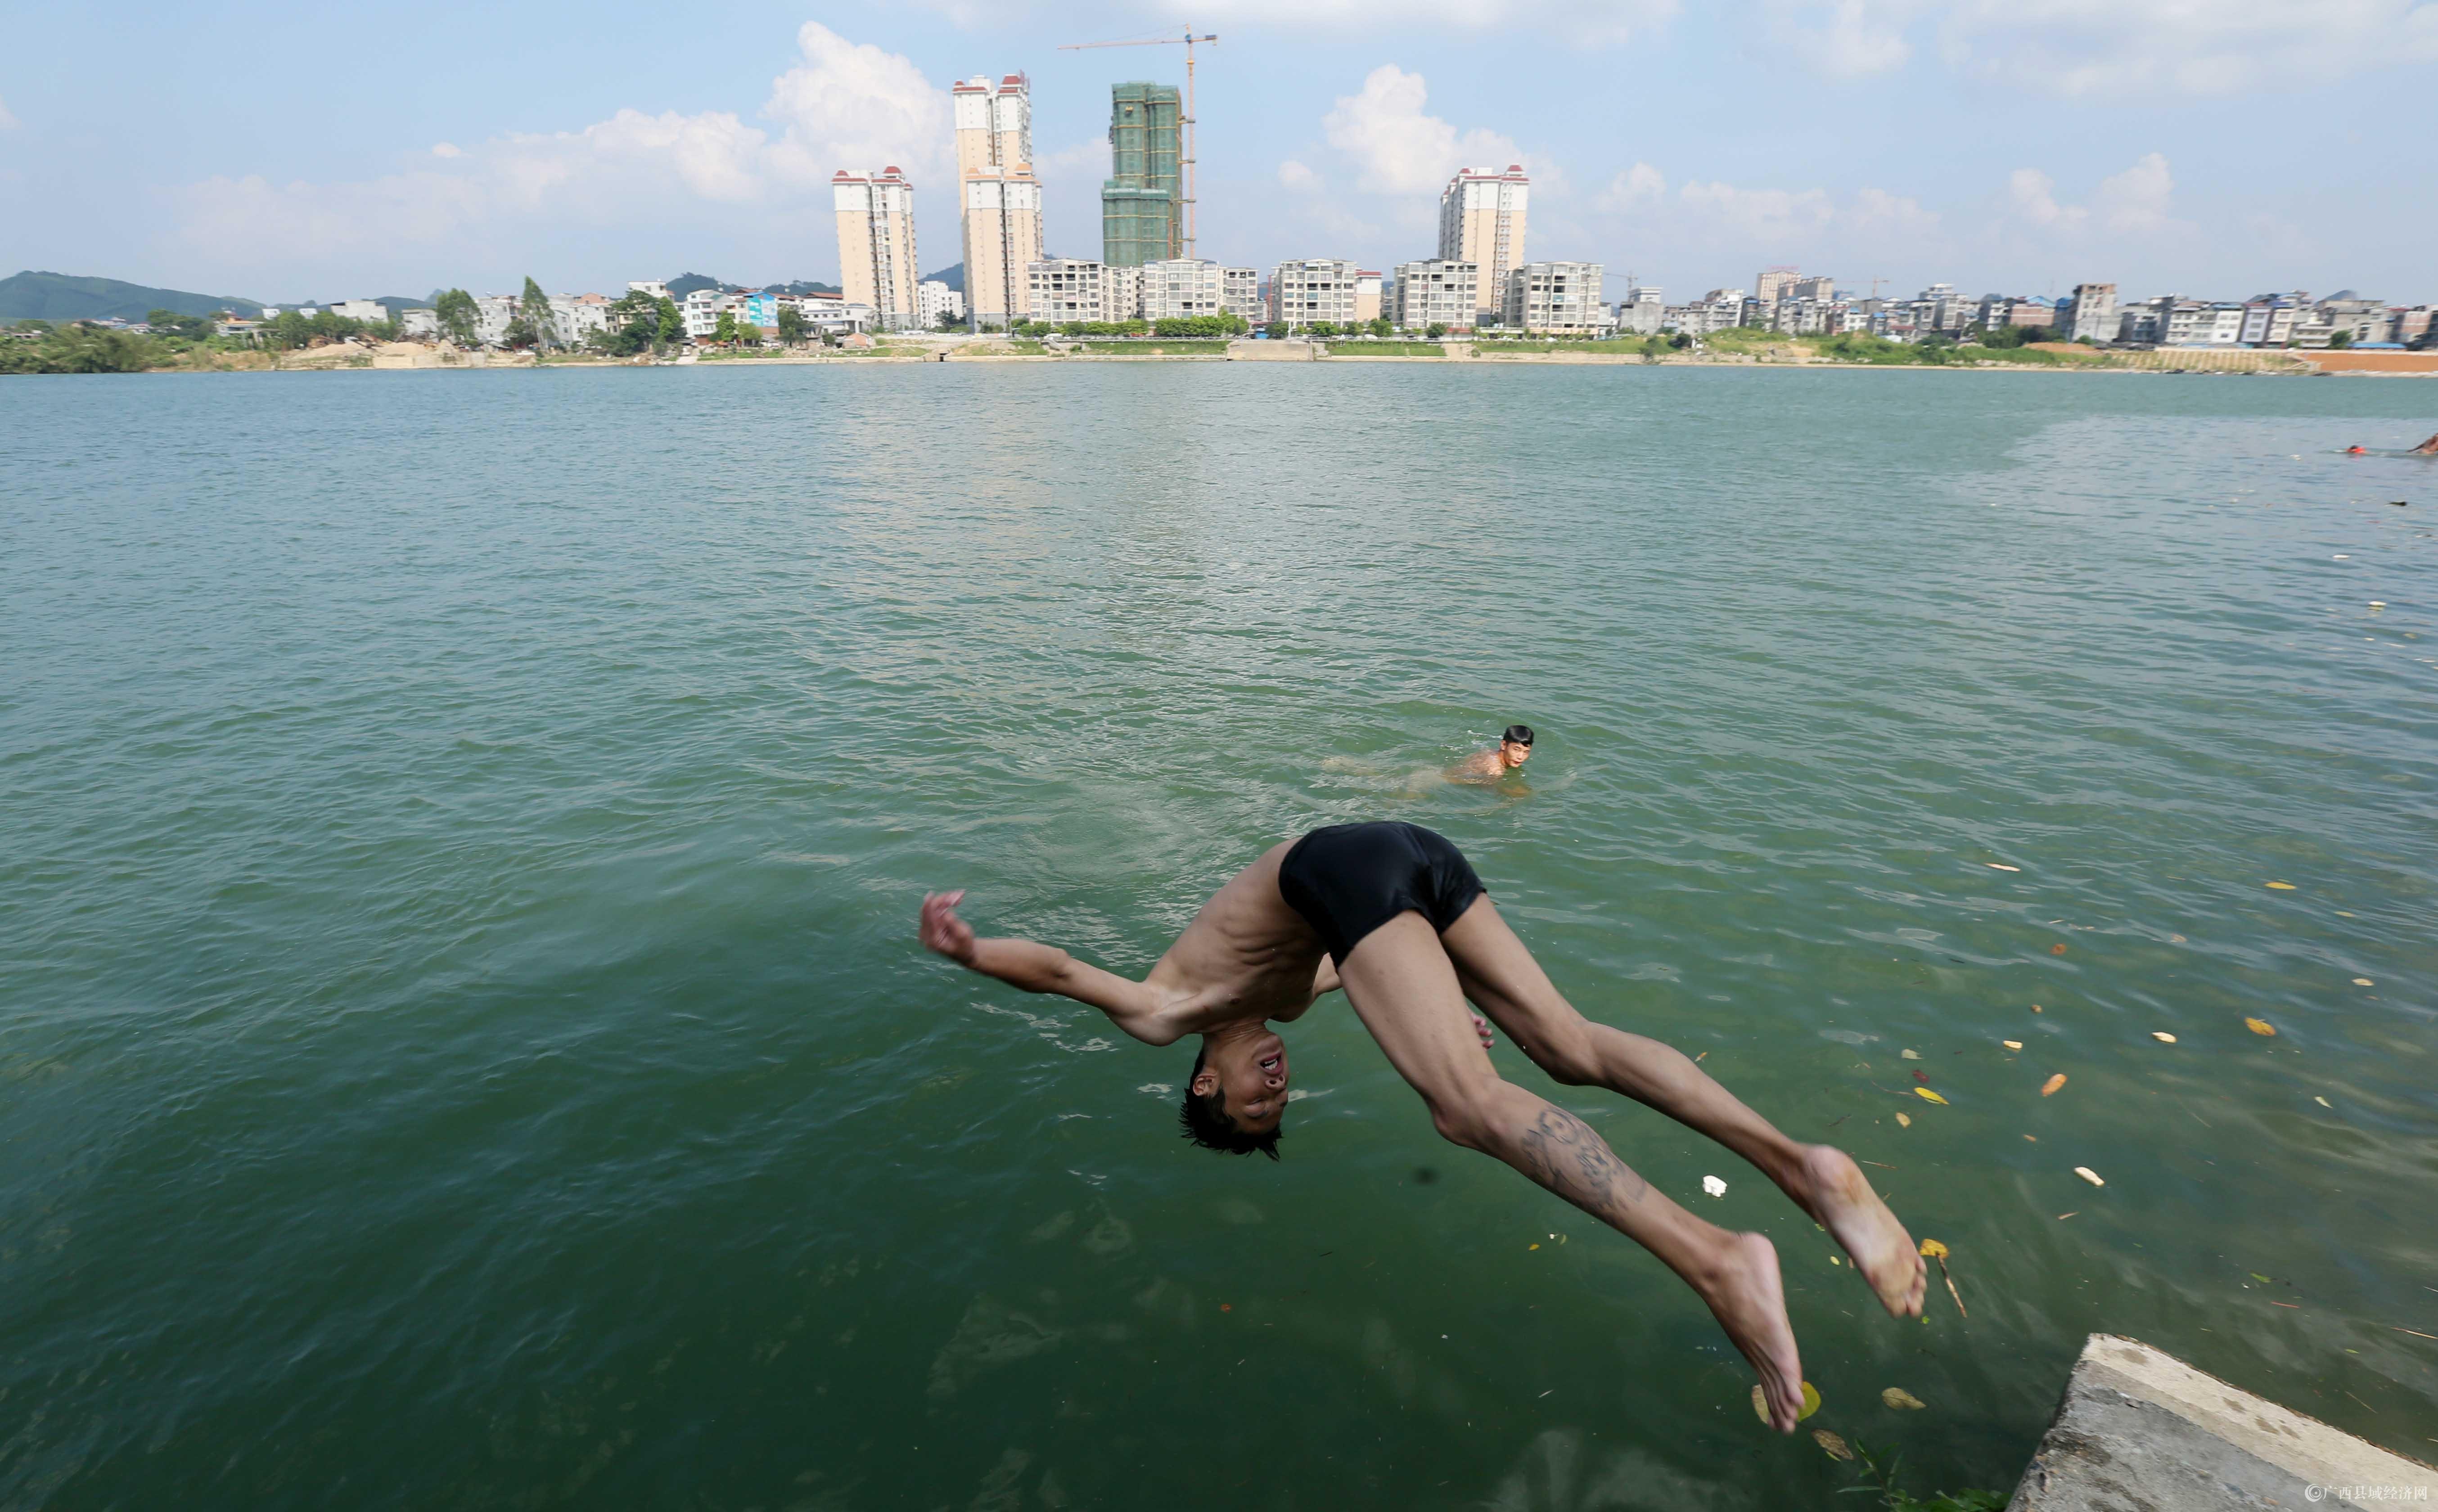 图7:8月7日,在融江广西柳州市融安县城段,一名青年跳入水中解暑。(谭凯兴 摄).JPG